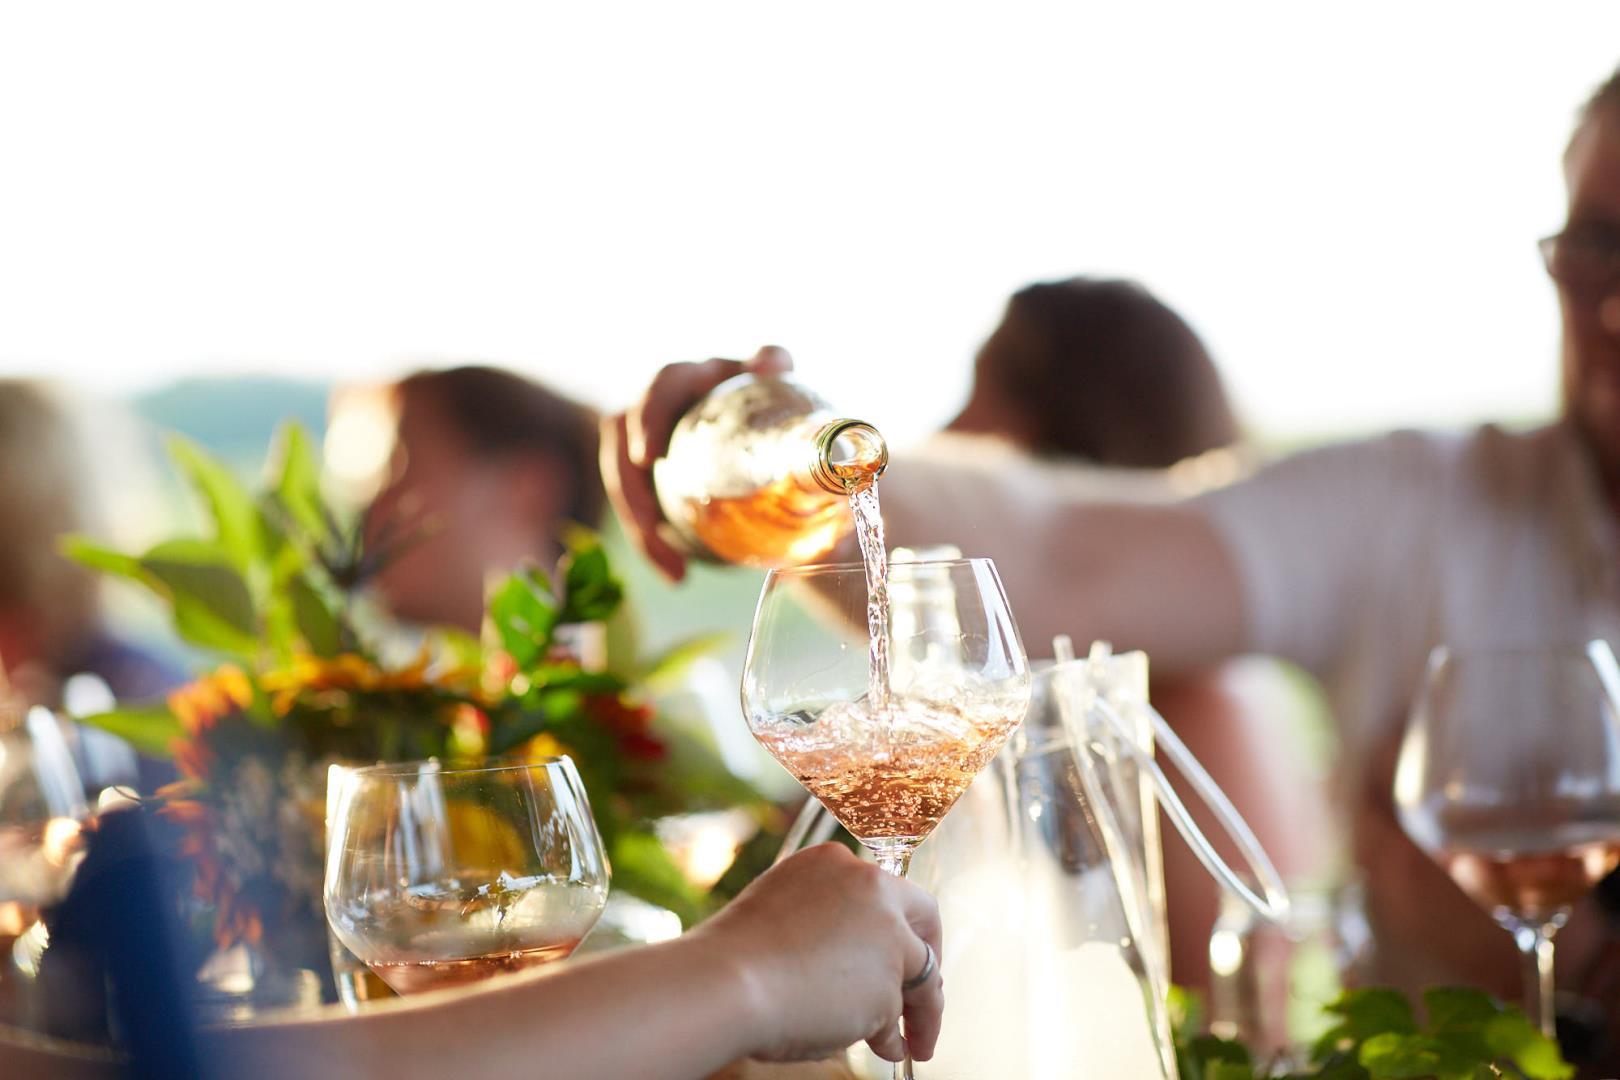 Westcott Vineyards Restaurant - Picture